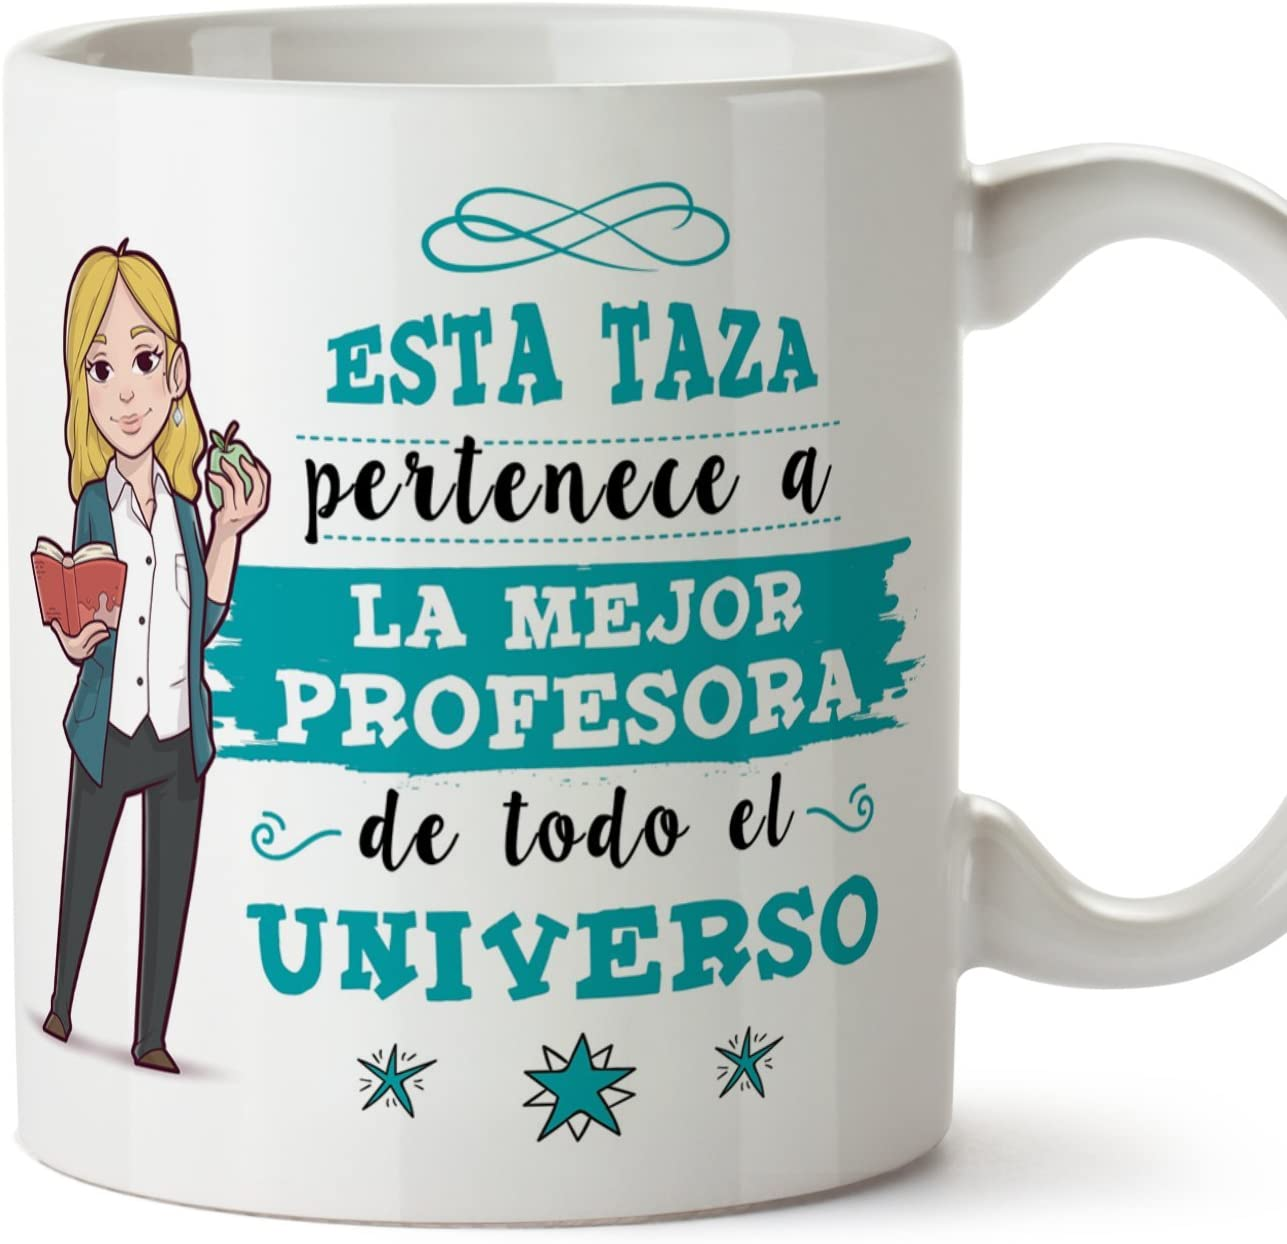 MUGFFINS Taza Profesora (Mujer) - La Mejor Profesora del Universo - Regalos Originales para Profesoras y Maestras - Cerámica 350 ml / 11oz